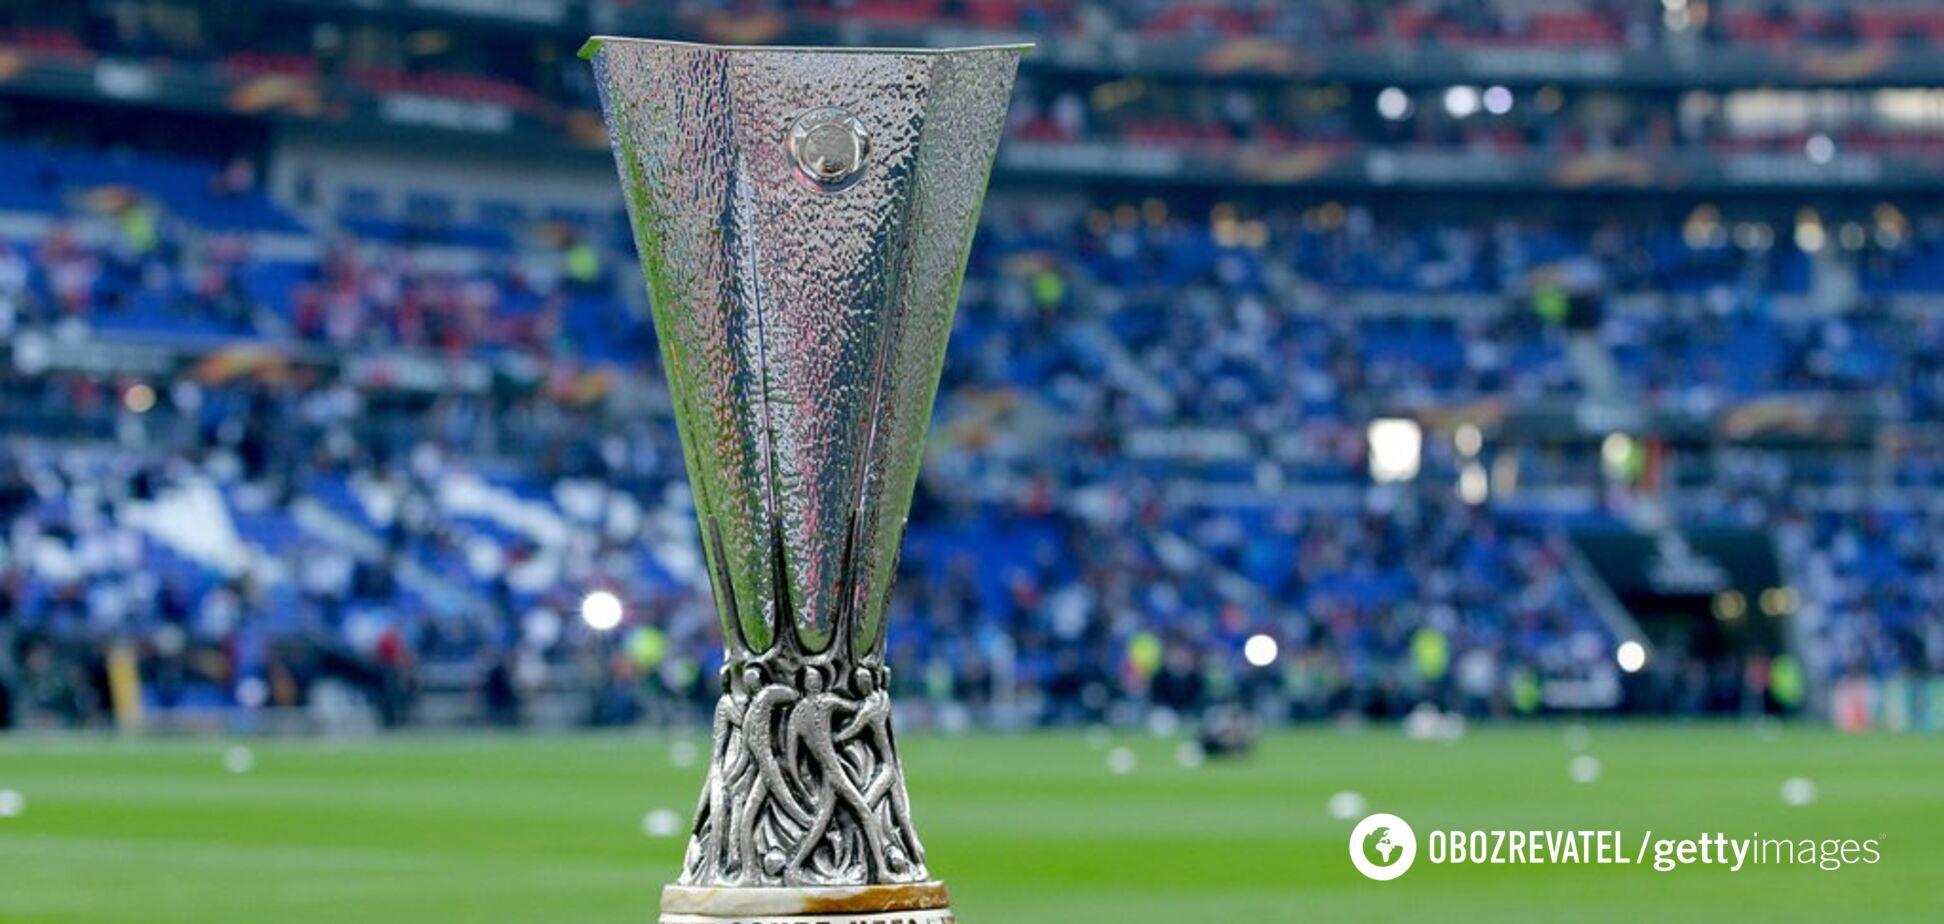 Жеребьевка четвертьфинала Лиги Европы: когда и где смотреть онлайн